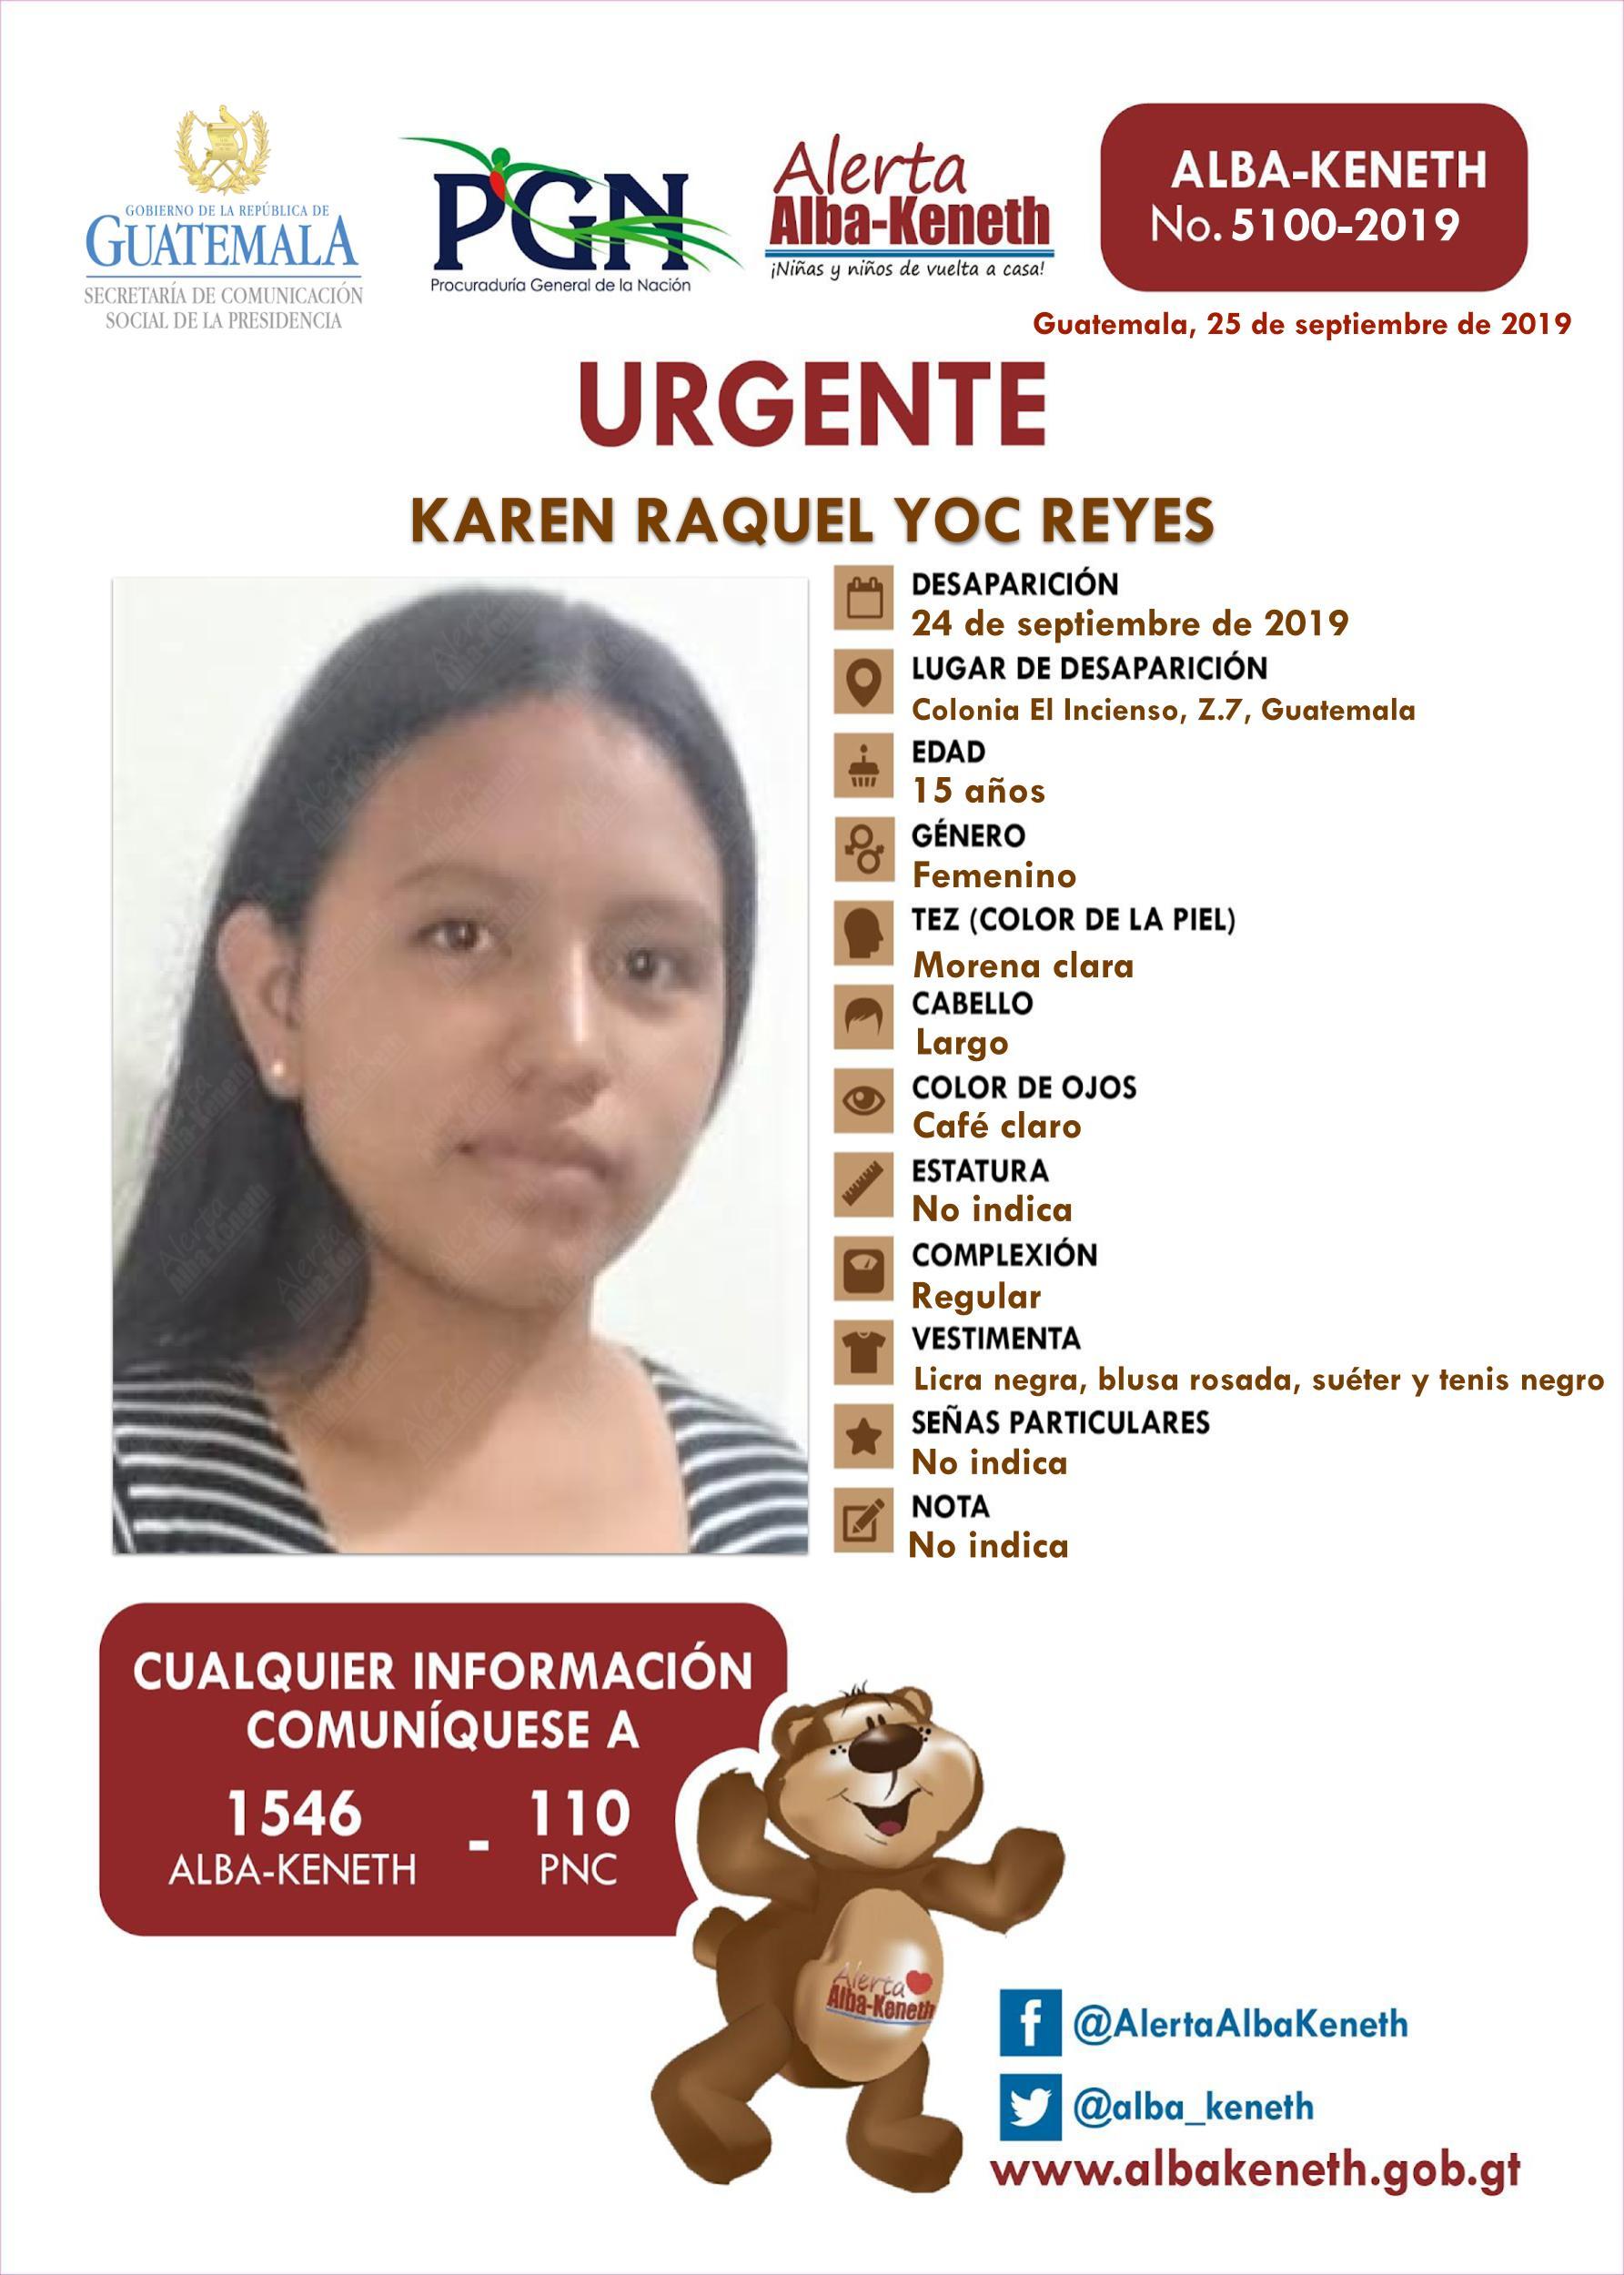 Karen Raquel Yoc Reyes